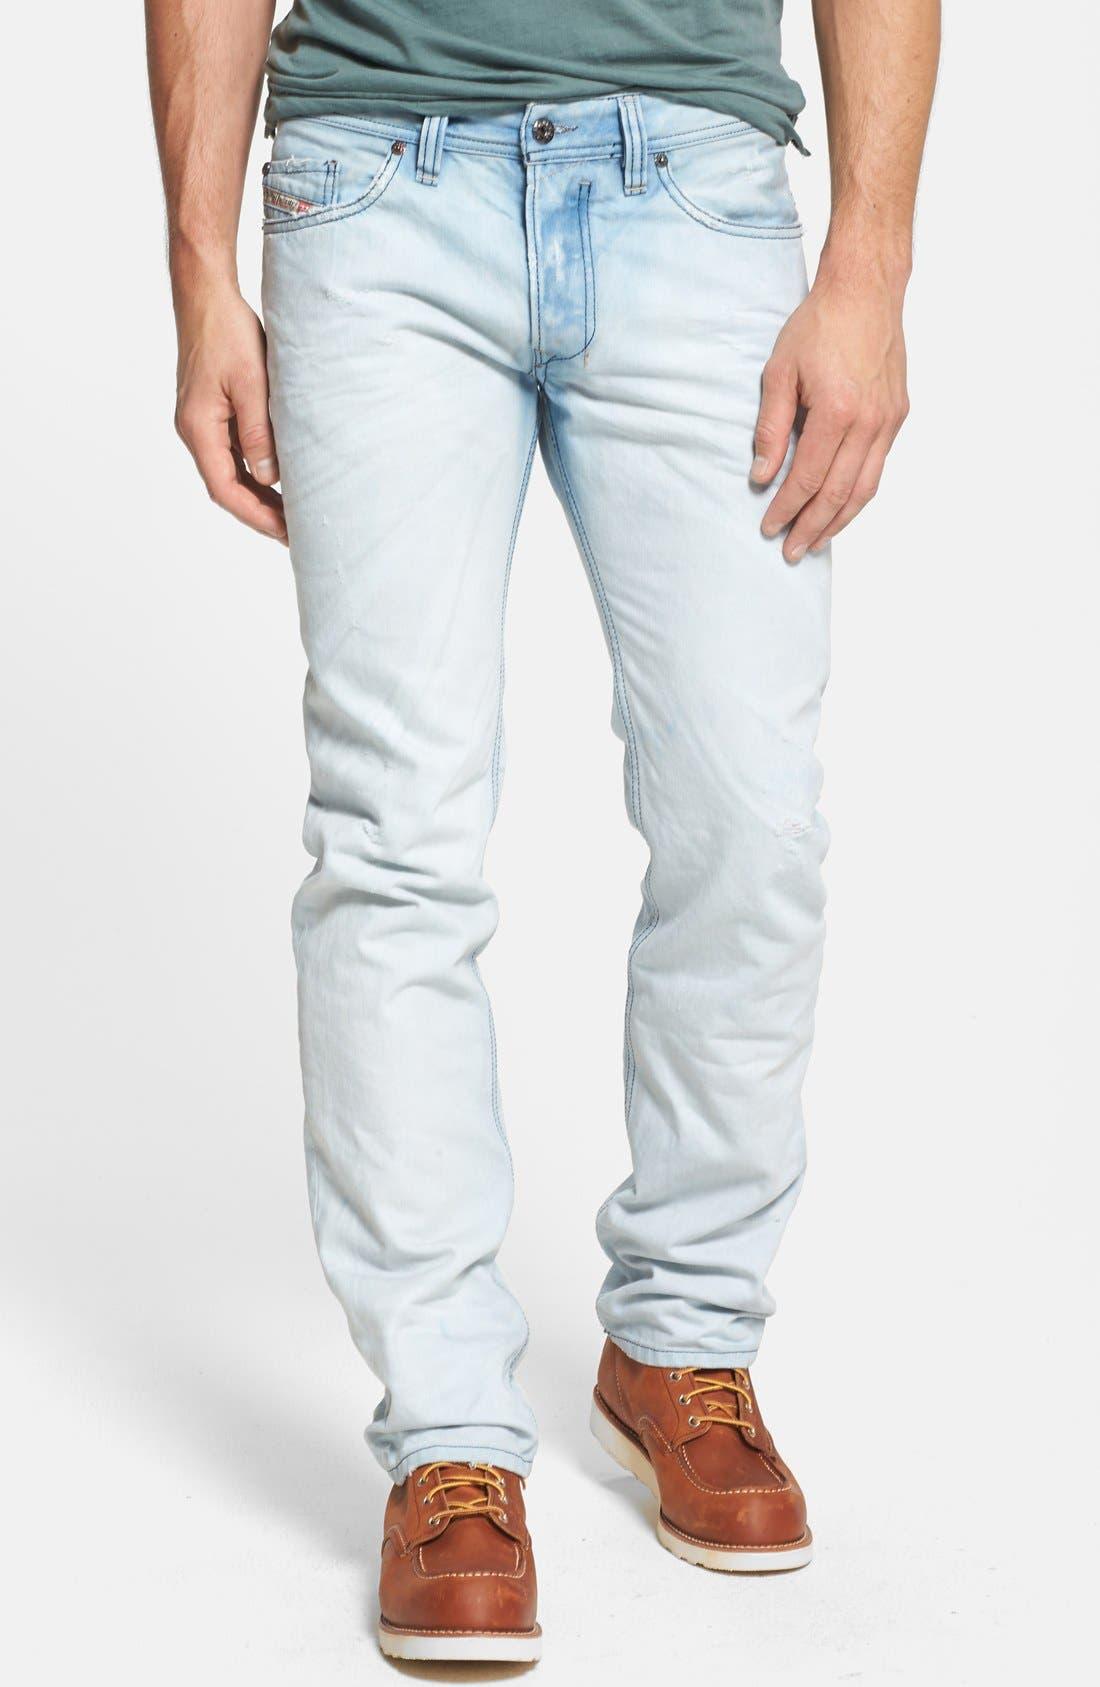 Alternate Image 1 Selected - DIESEL® 'Safado' Slim Fit Jeans (0831A)